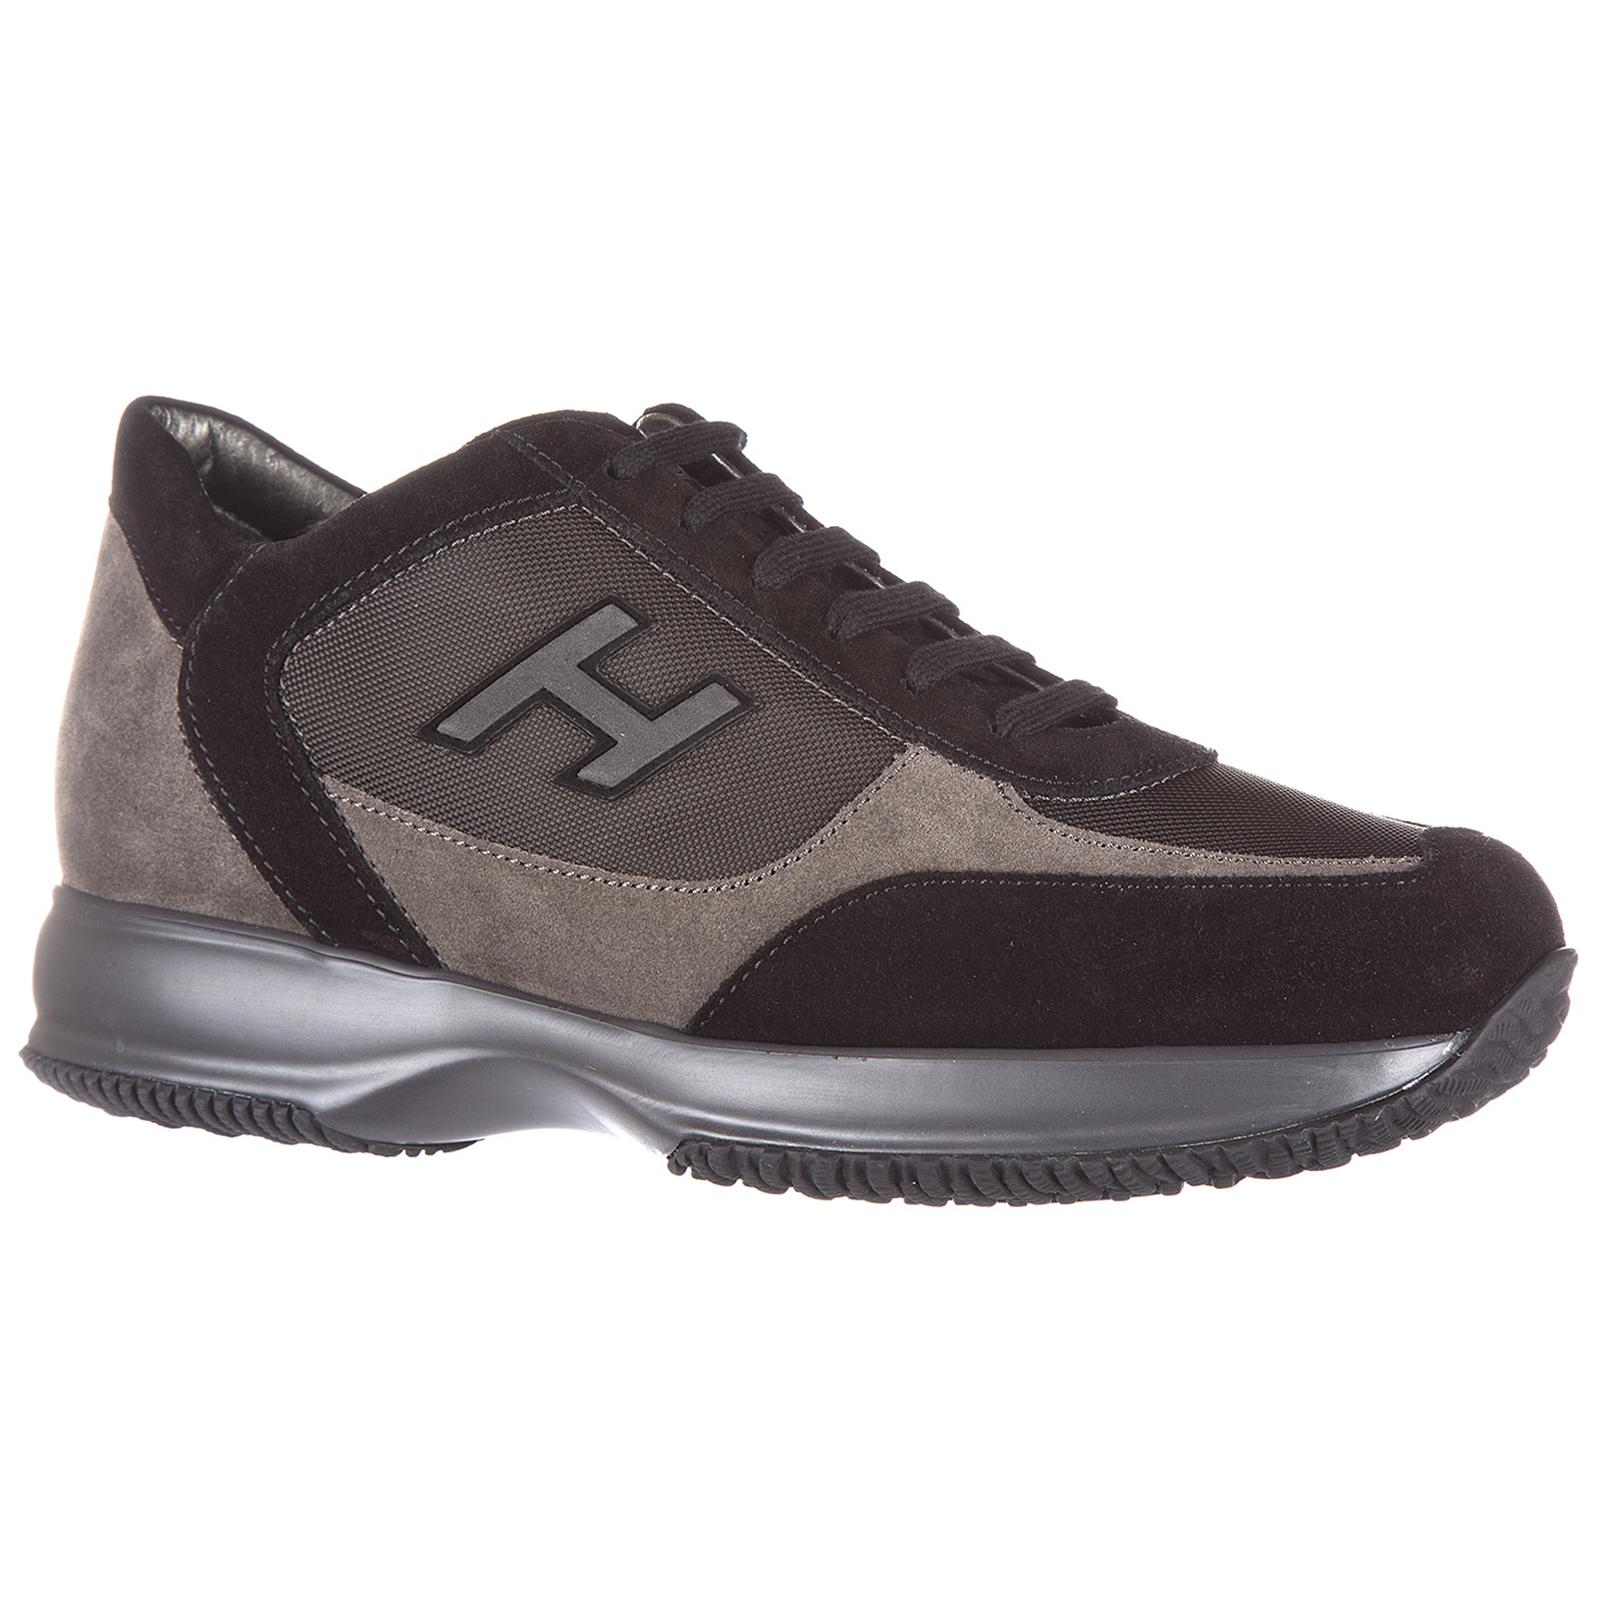 Scarpe sneakers uomo camoscio interactive h flock etichetta El Pago De Visa Aclaramiento sbSI0T5ER